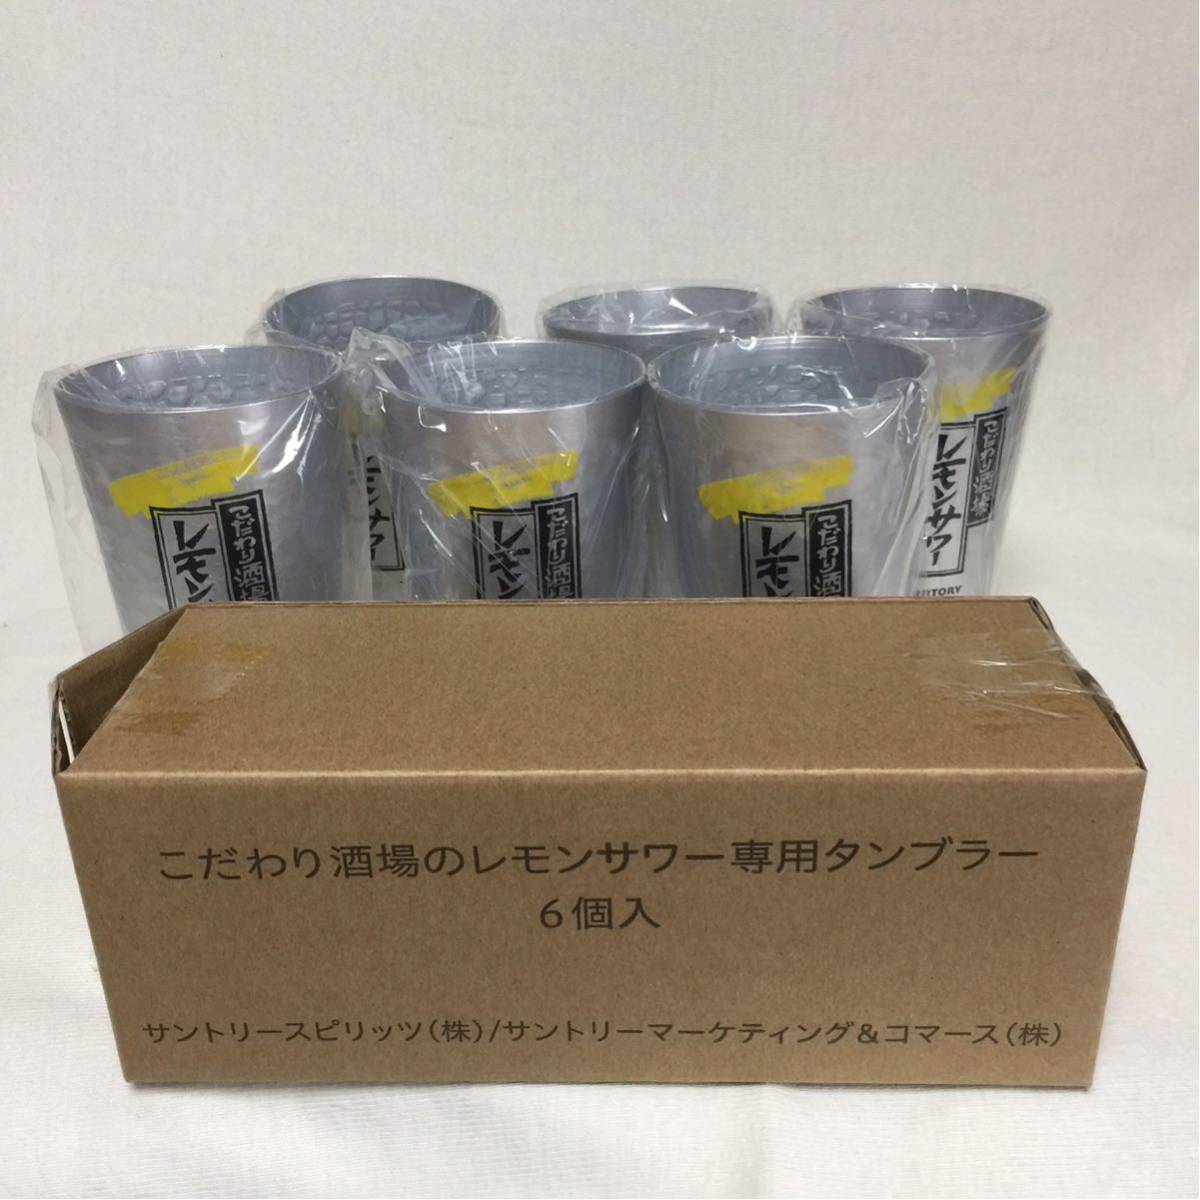 新品未使用 箱付き。こだわり酒場のレモンサワー専用タンブラー6個セット_画像2